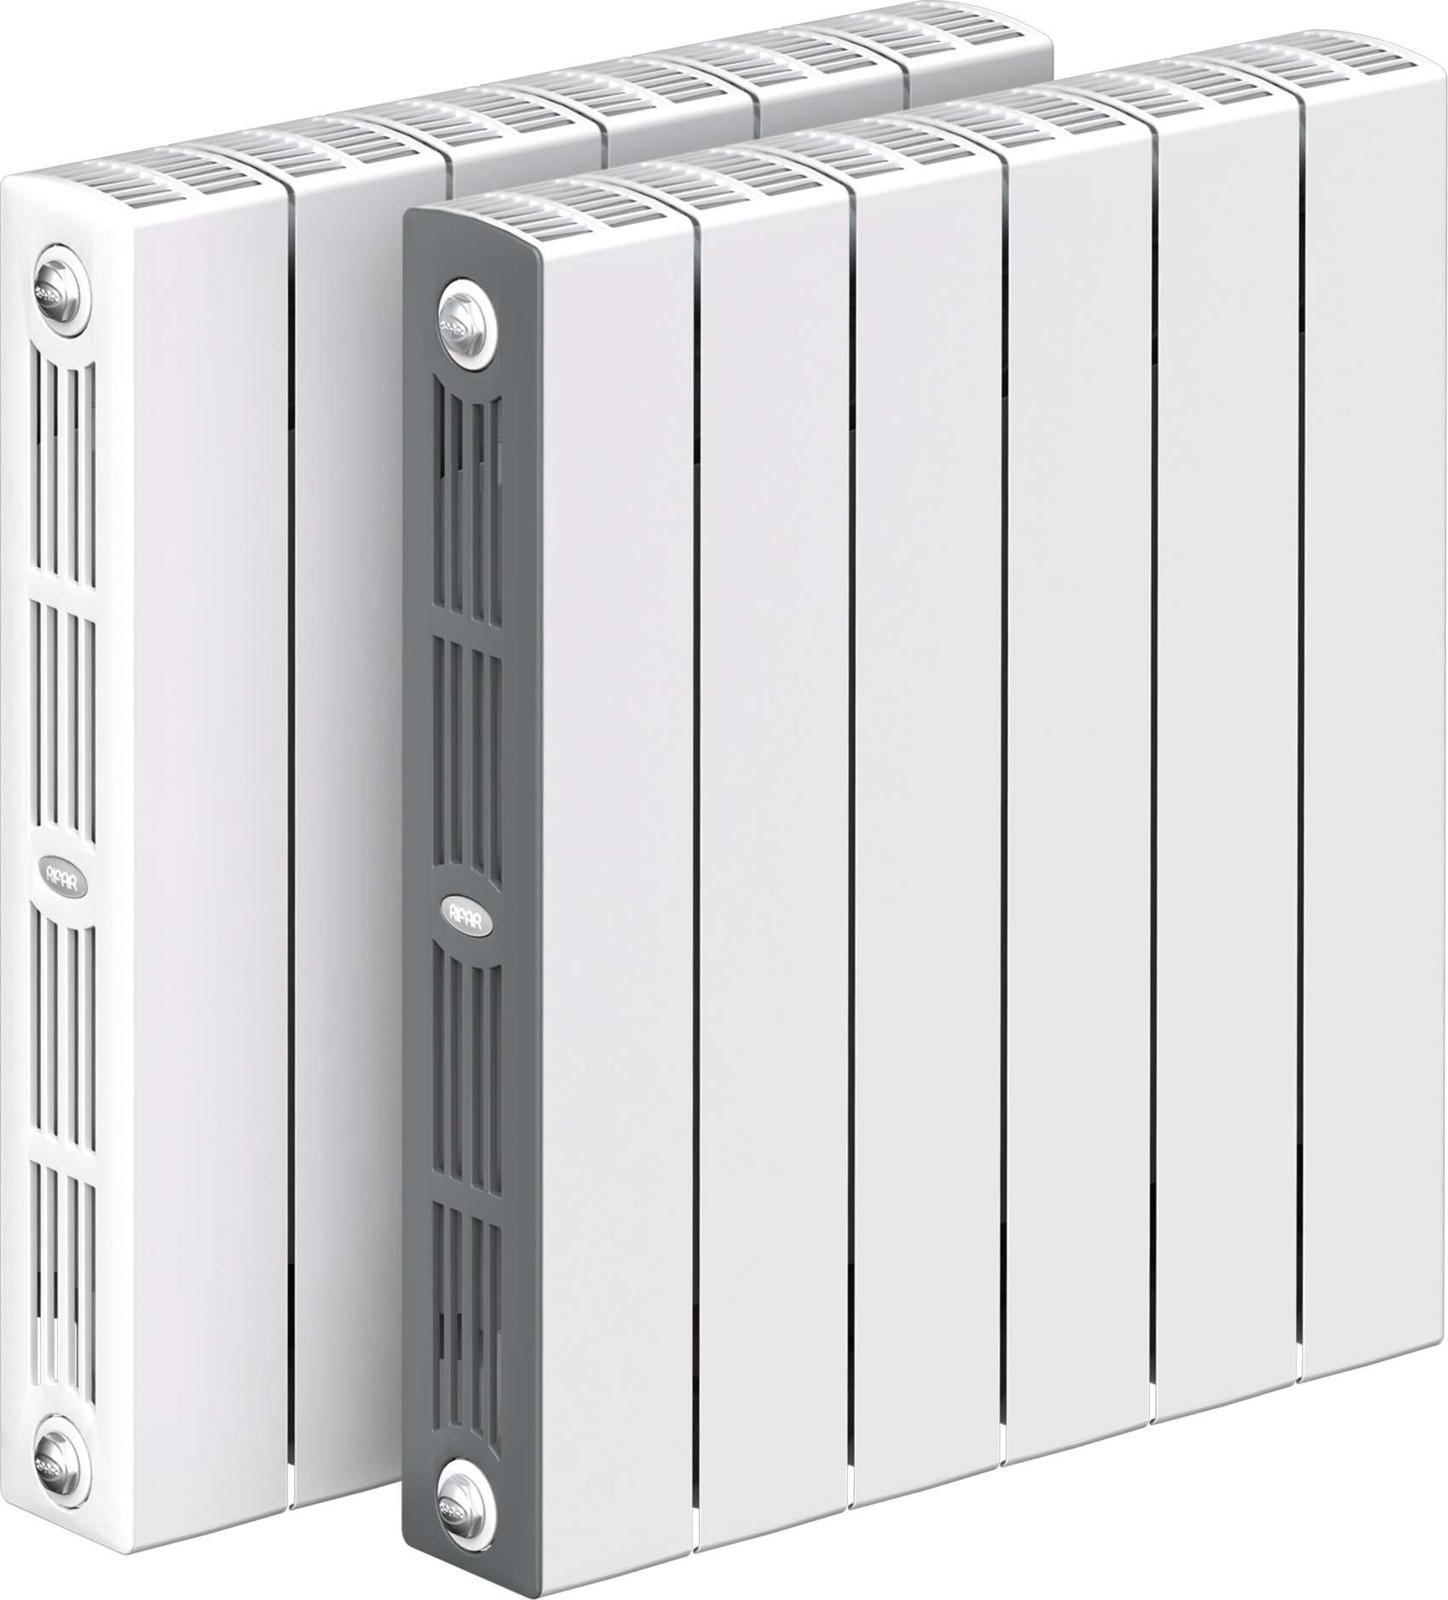 Секционный радиатор Rifar Supremo 500, биметаллический, RIFAR S 500-6, белый, 6 секций радиатор отопления rifar supremo 500 14 секций биметаллический боковое подключение